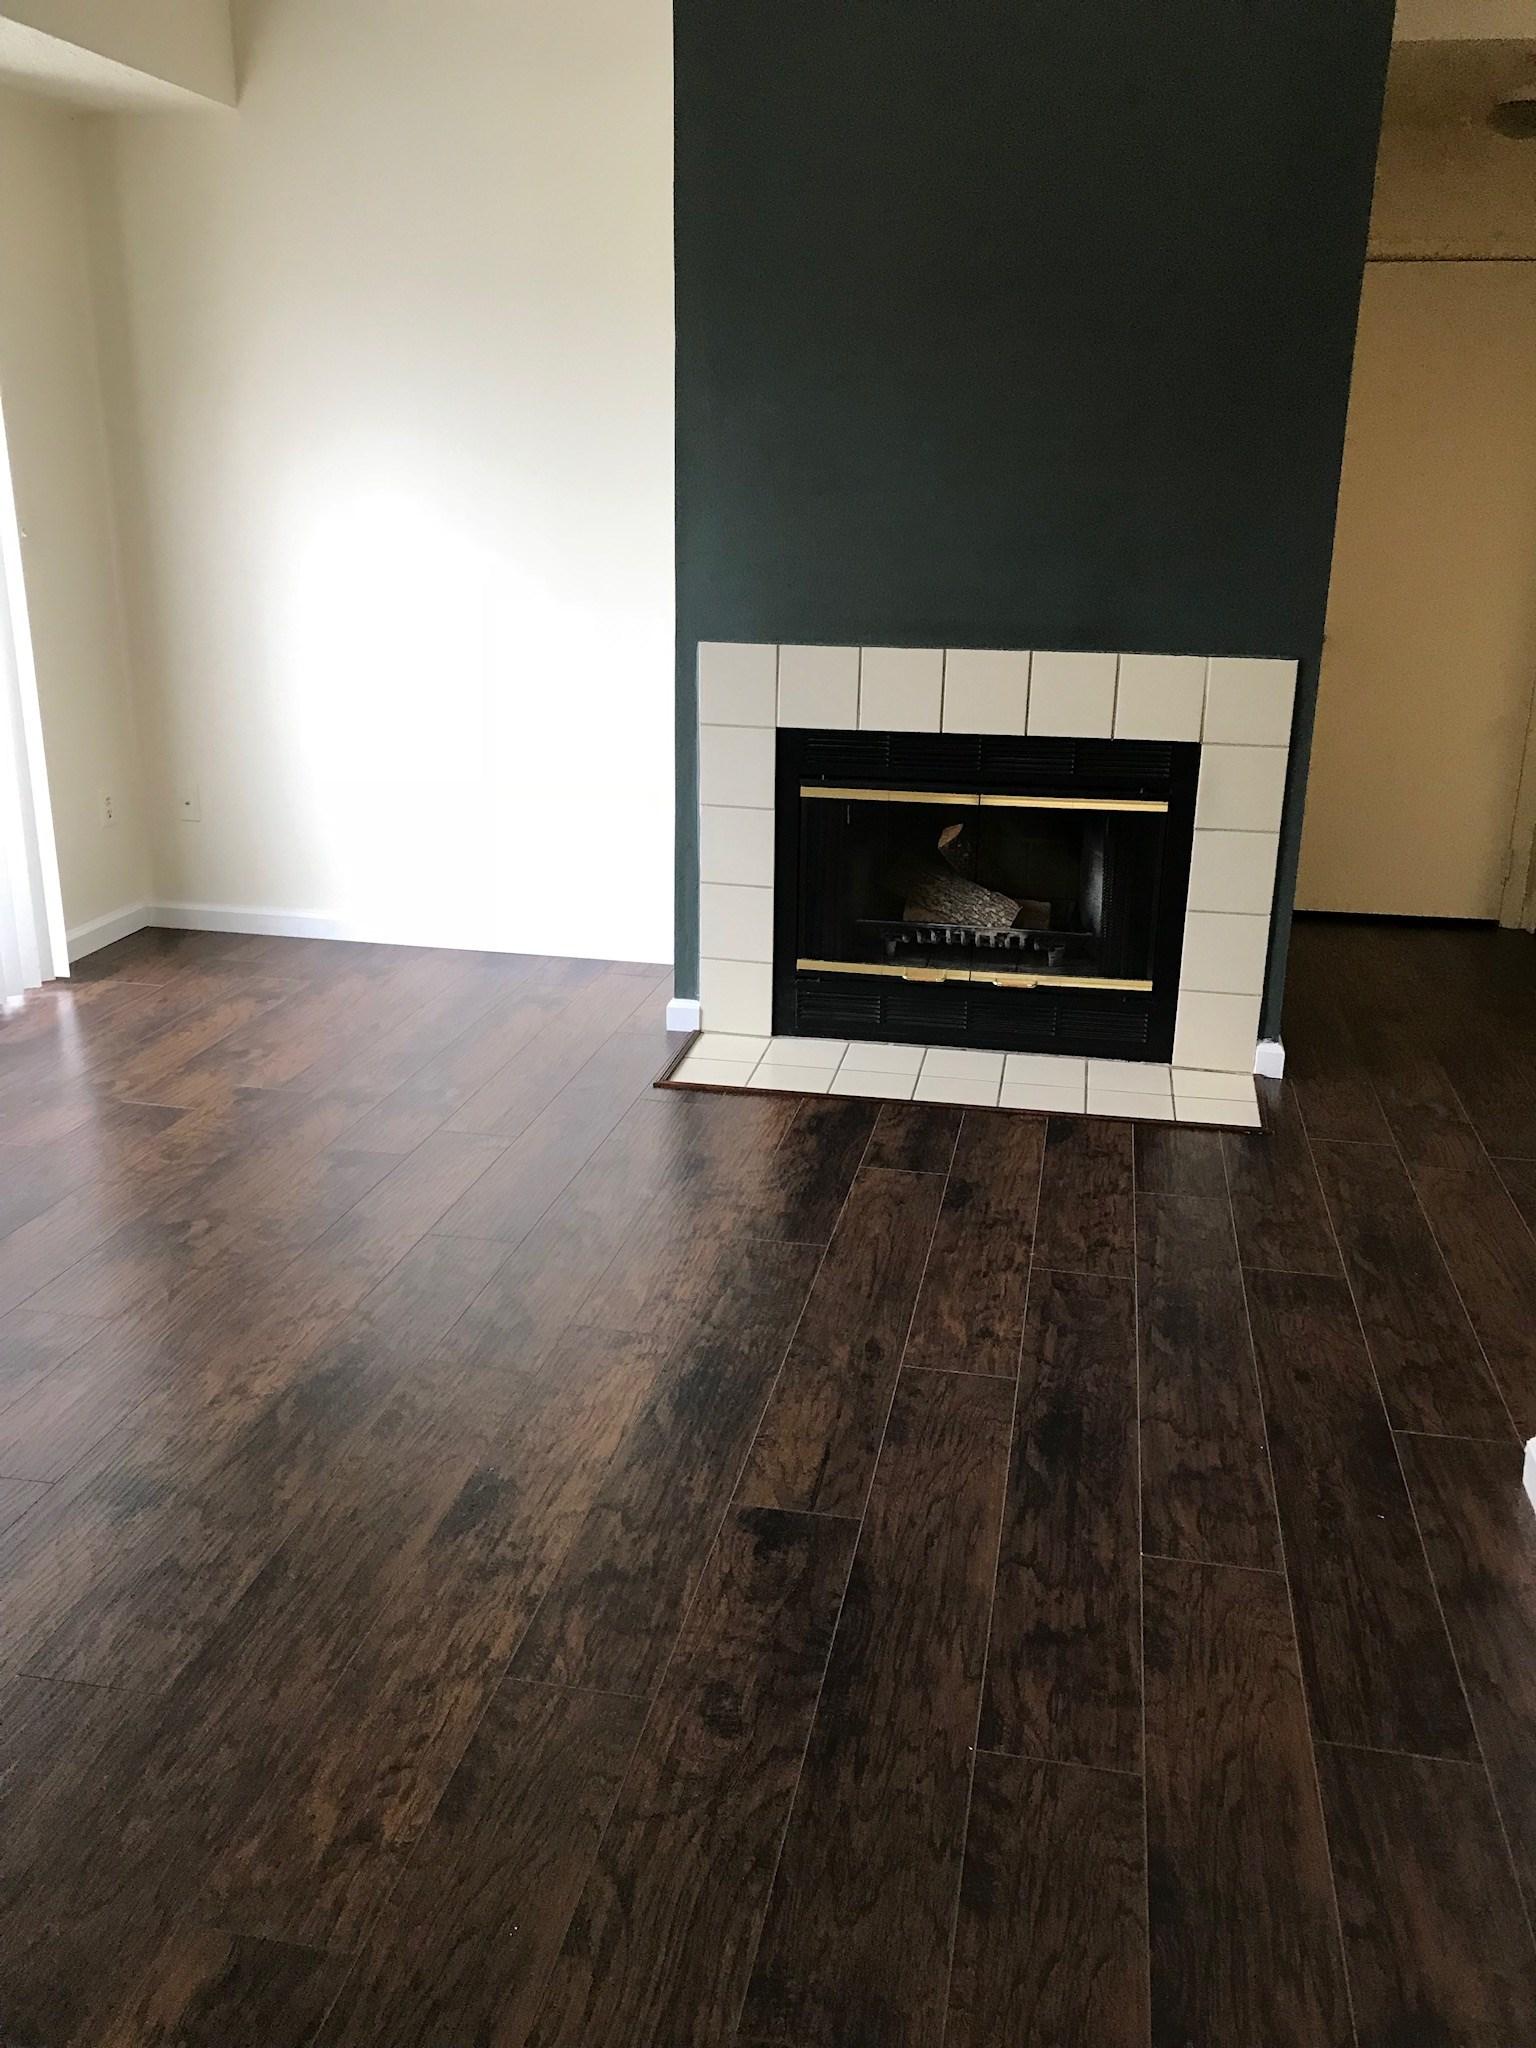 elegant condo for rent in plainsboro nj 1 bhk condo in